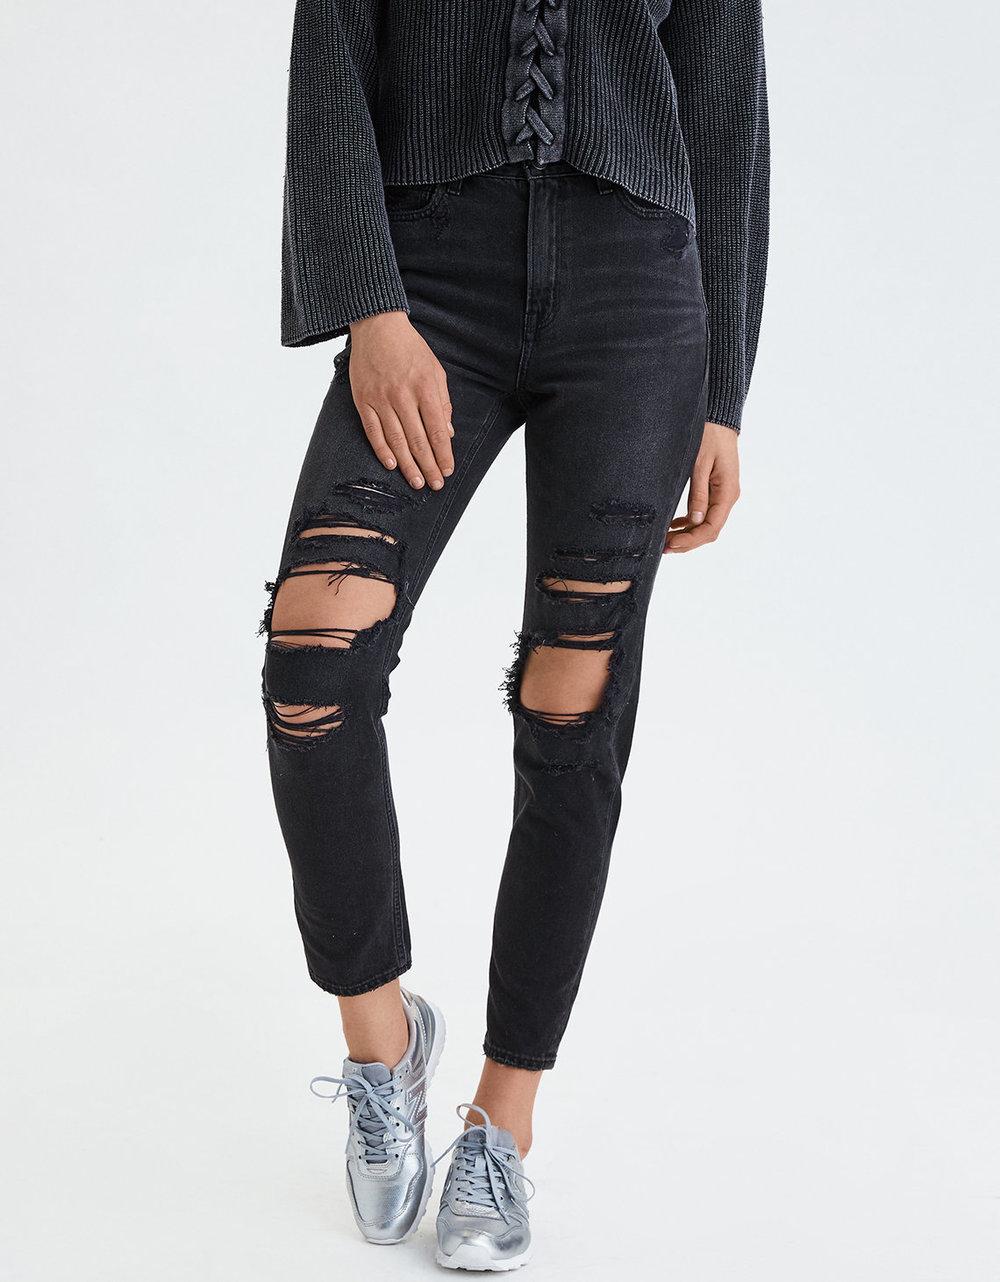 Gabi's mom jeans